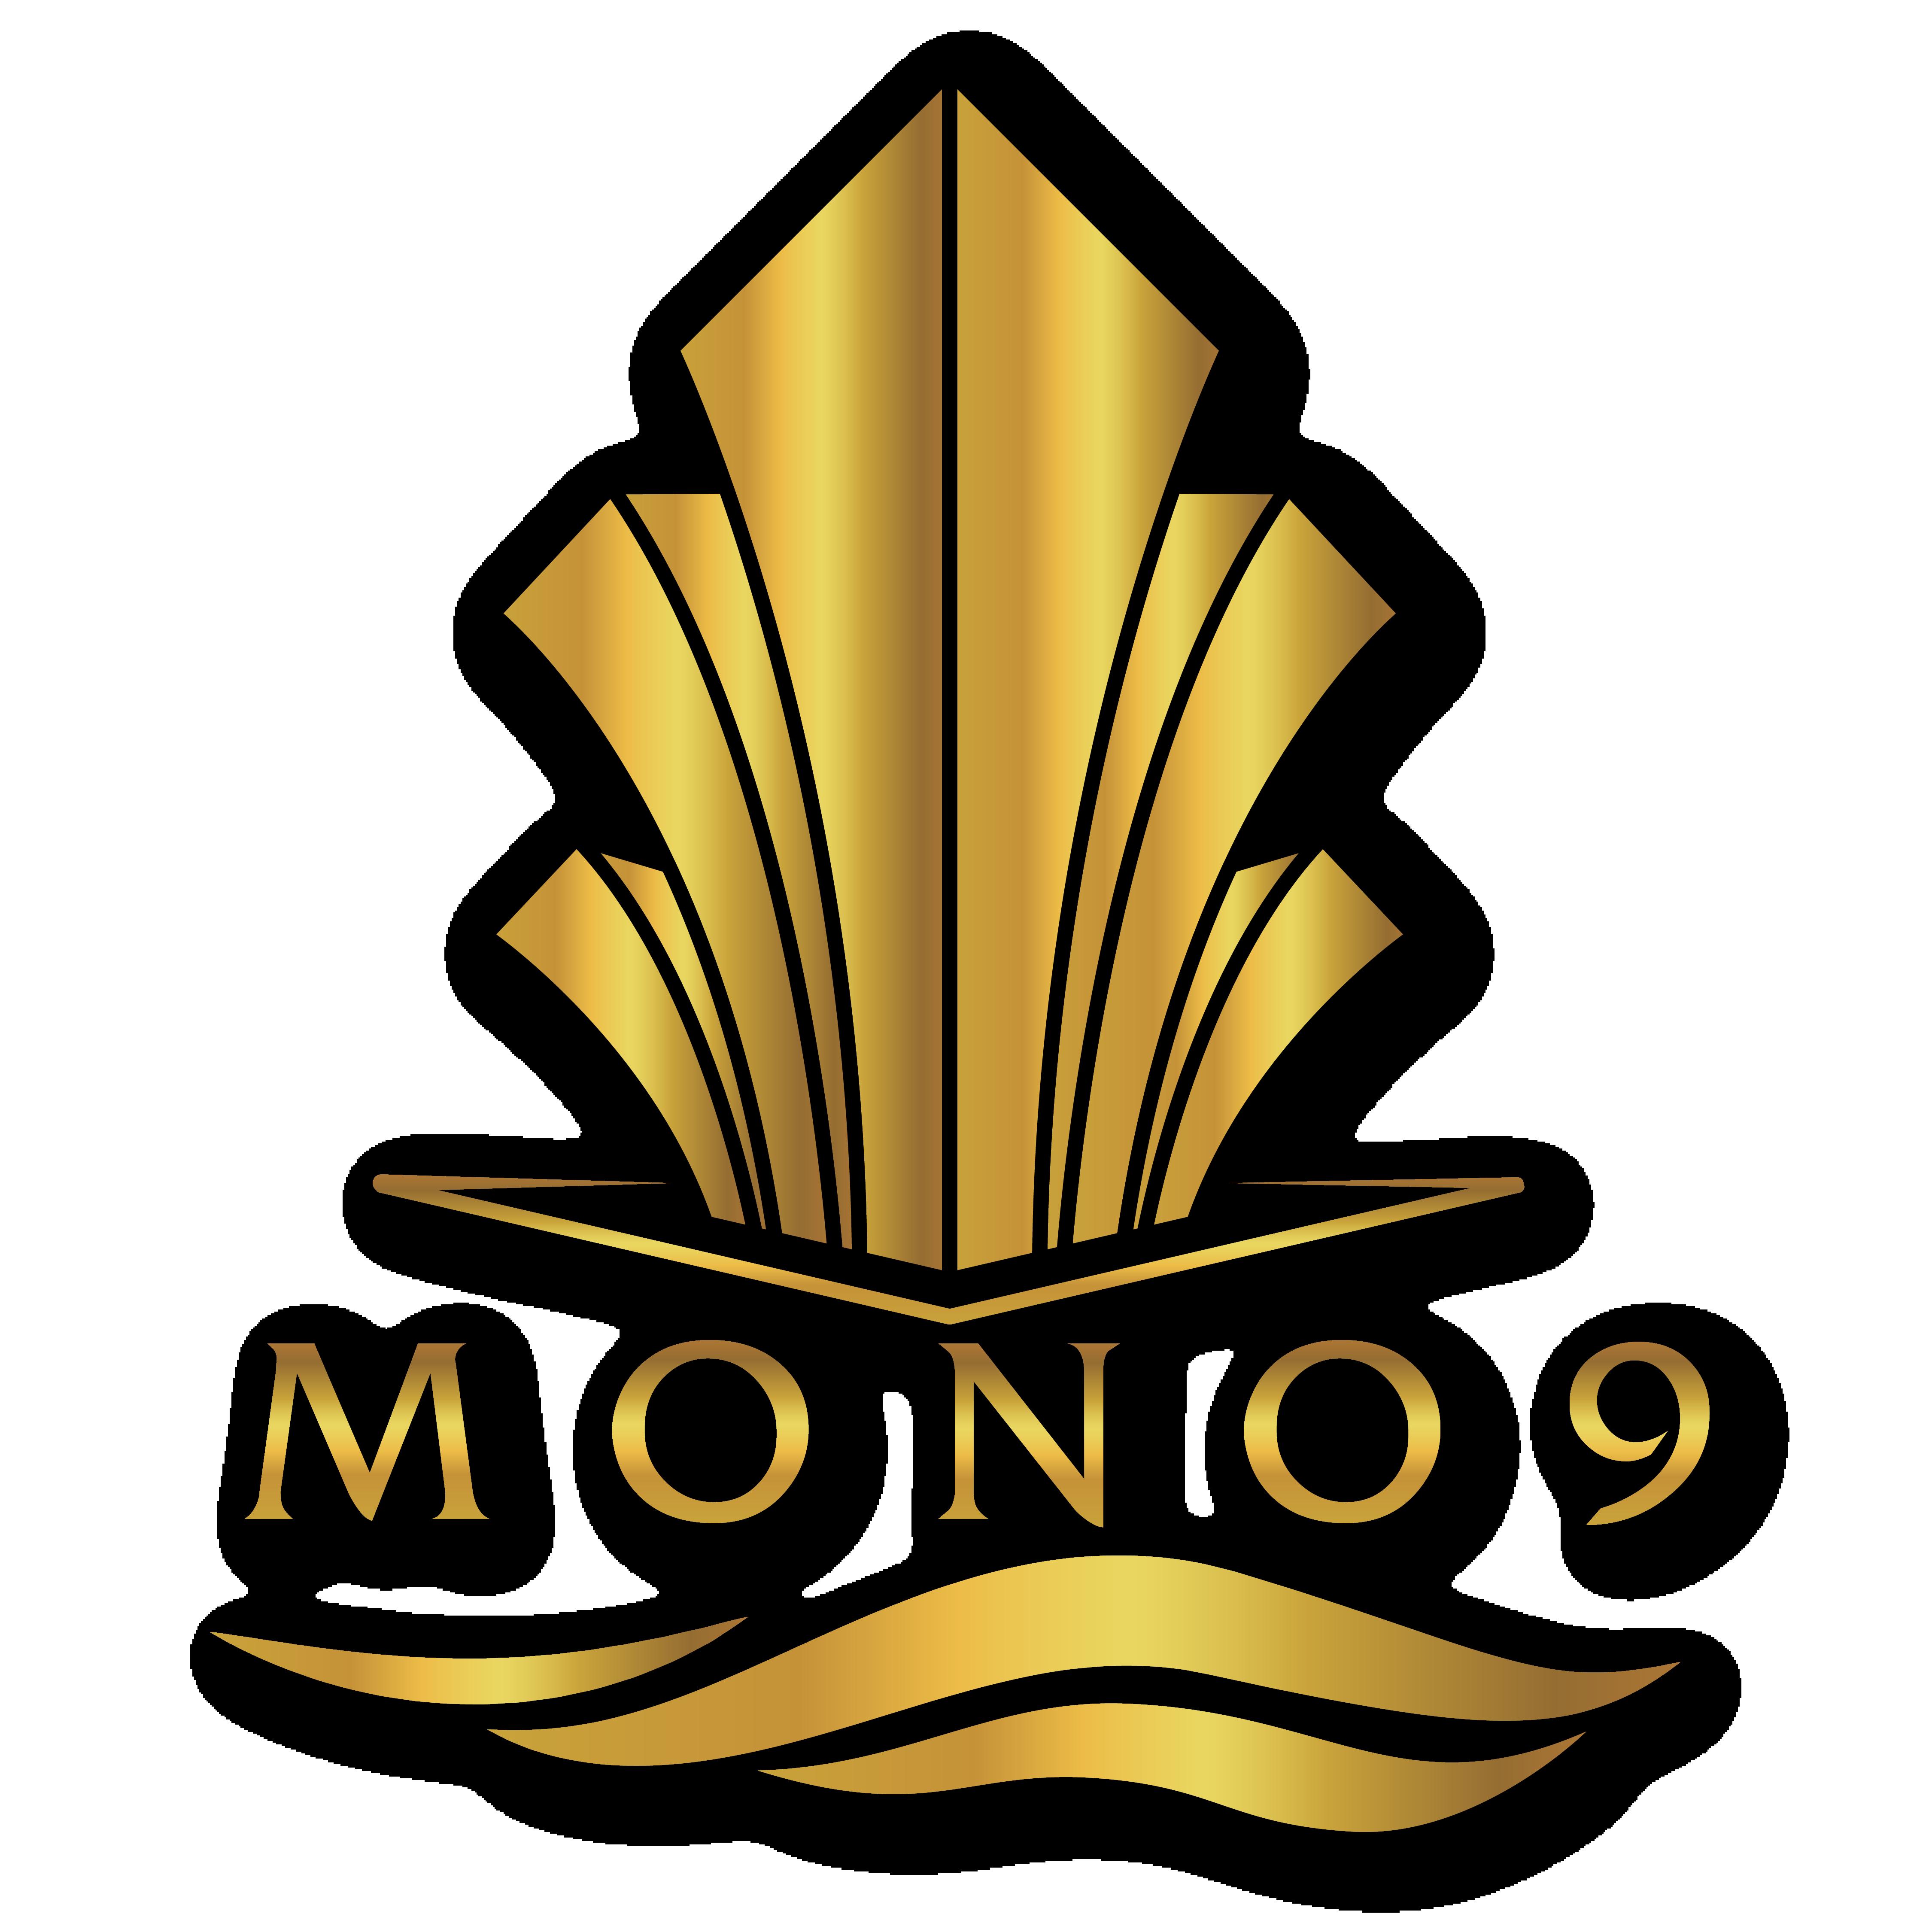 mono9property.com